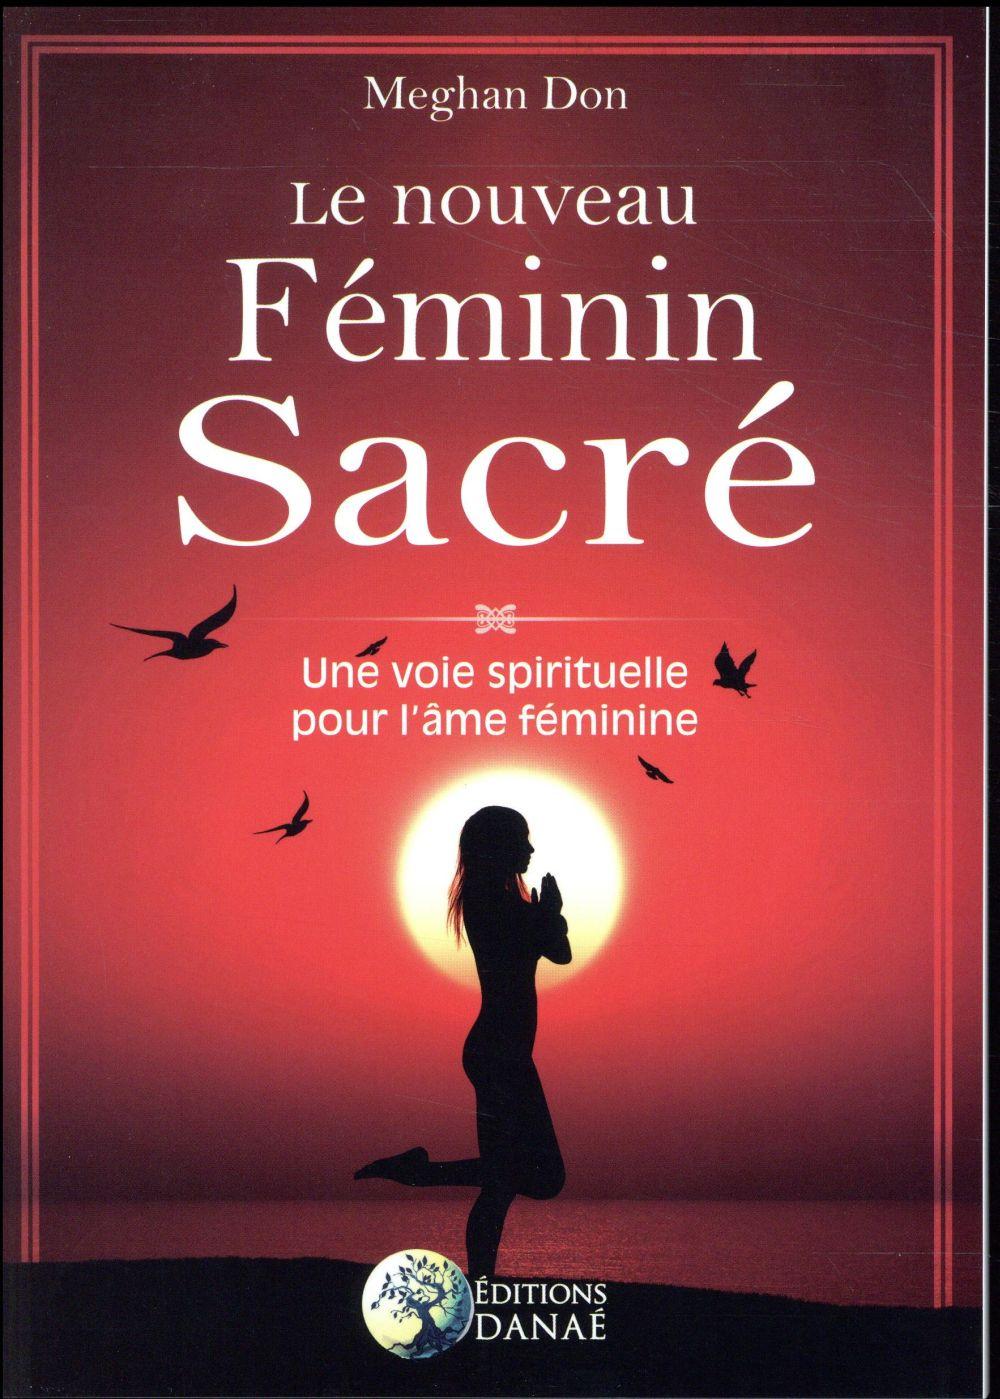 LE NOUVEAU FEMININ SACRE - UNE VOIE SPIRITUELLE POUR L'AME FEMININE